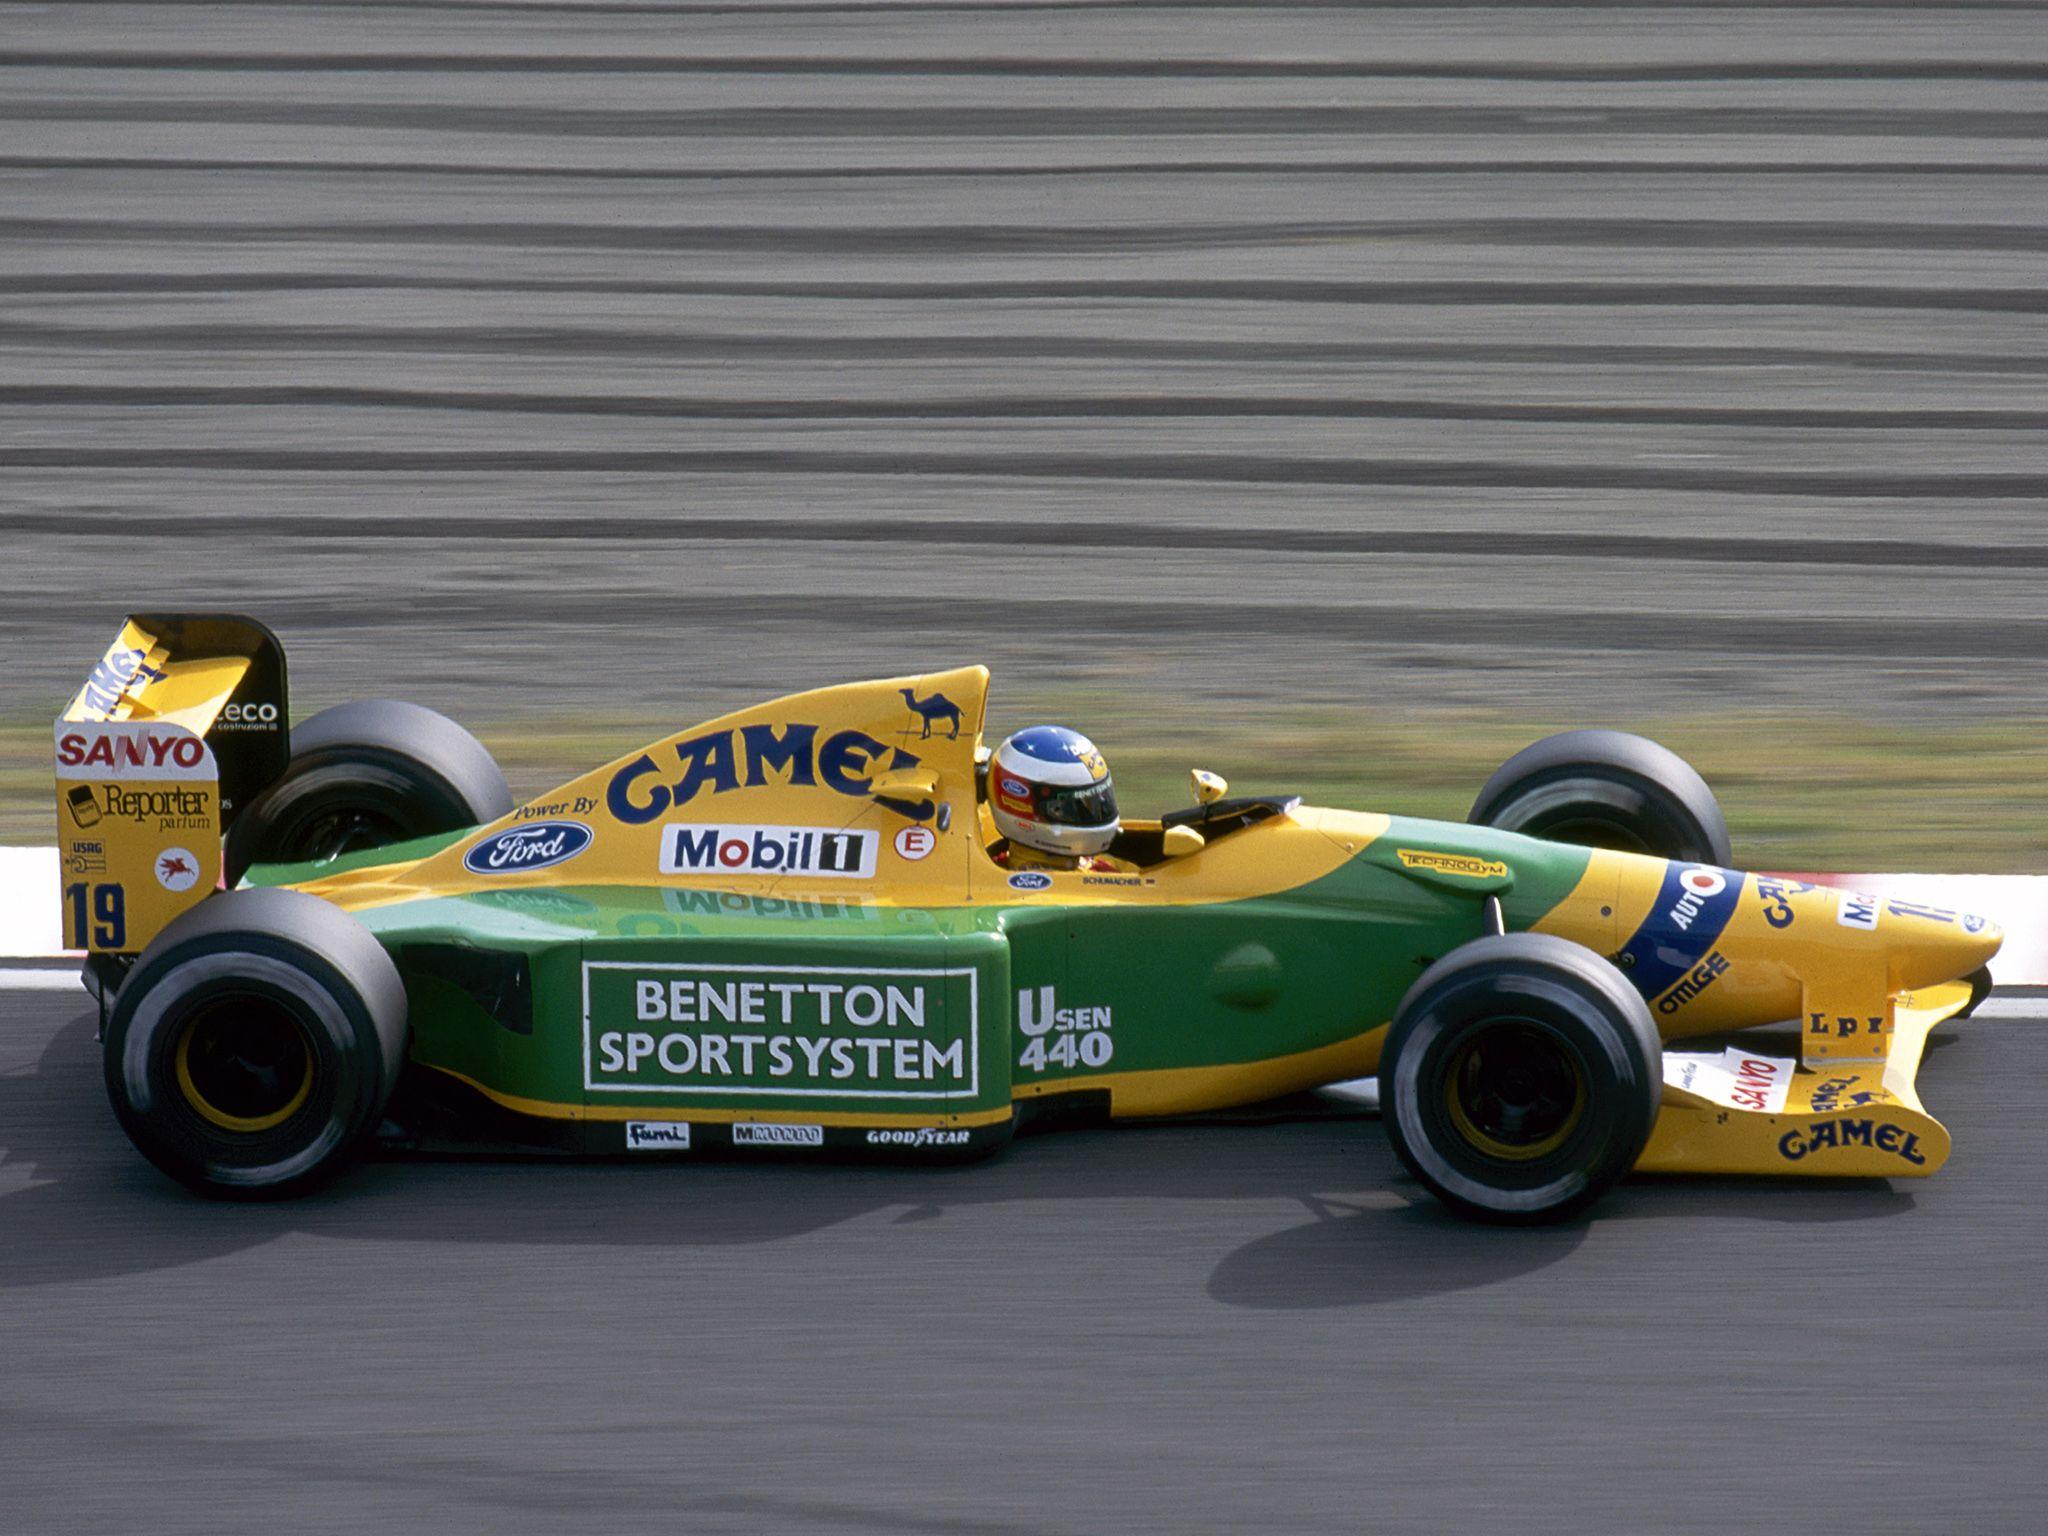 1992 Benetton B192 Michael Schumacher